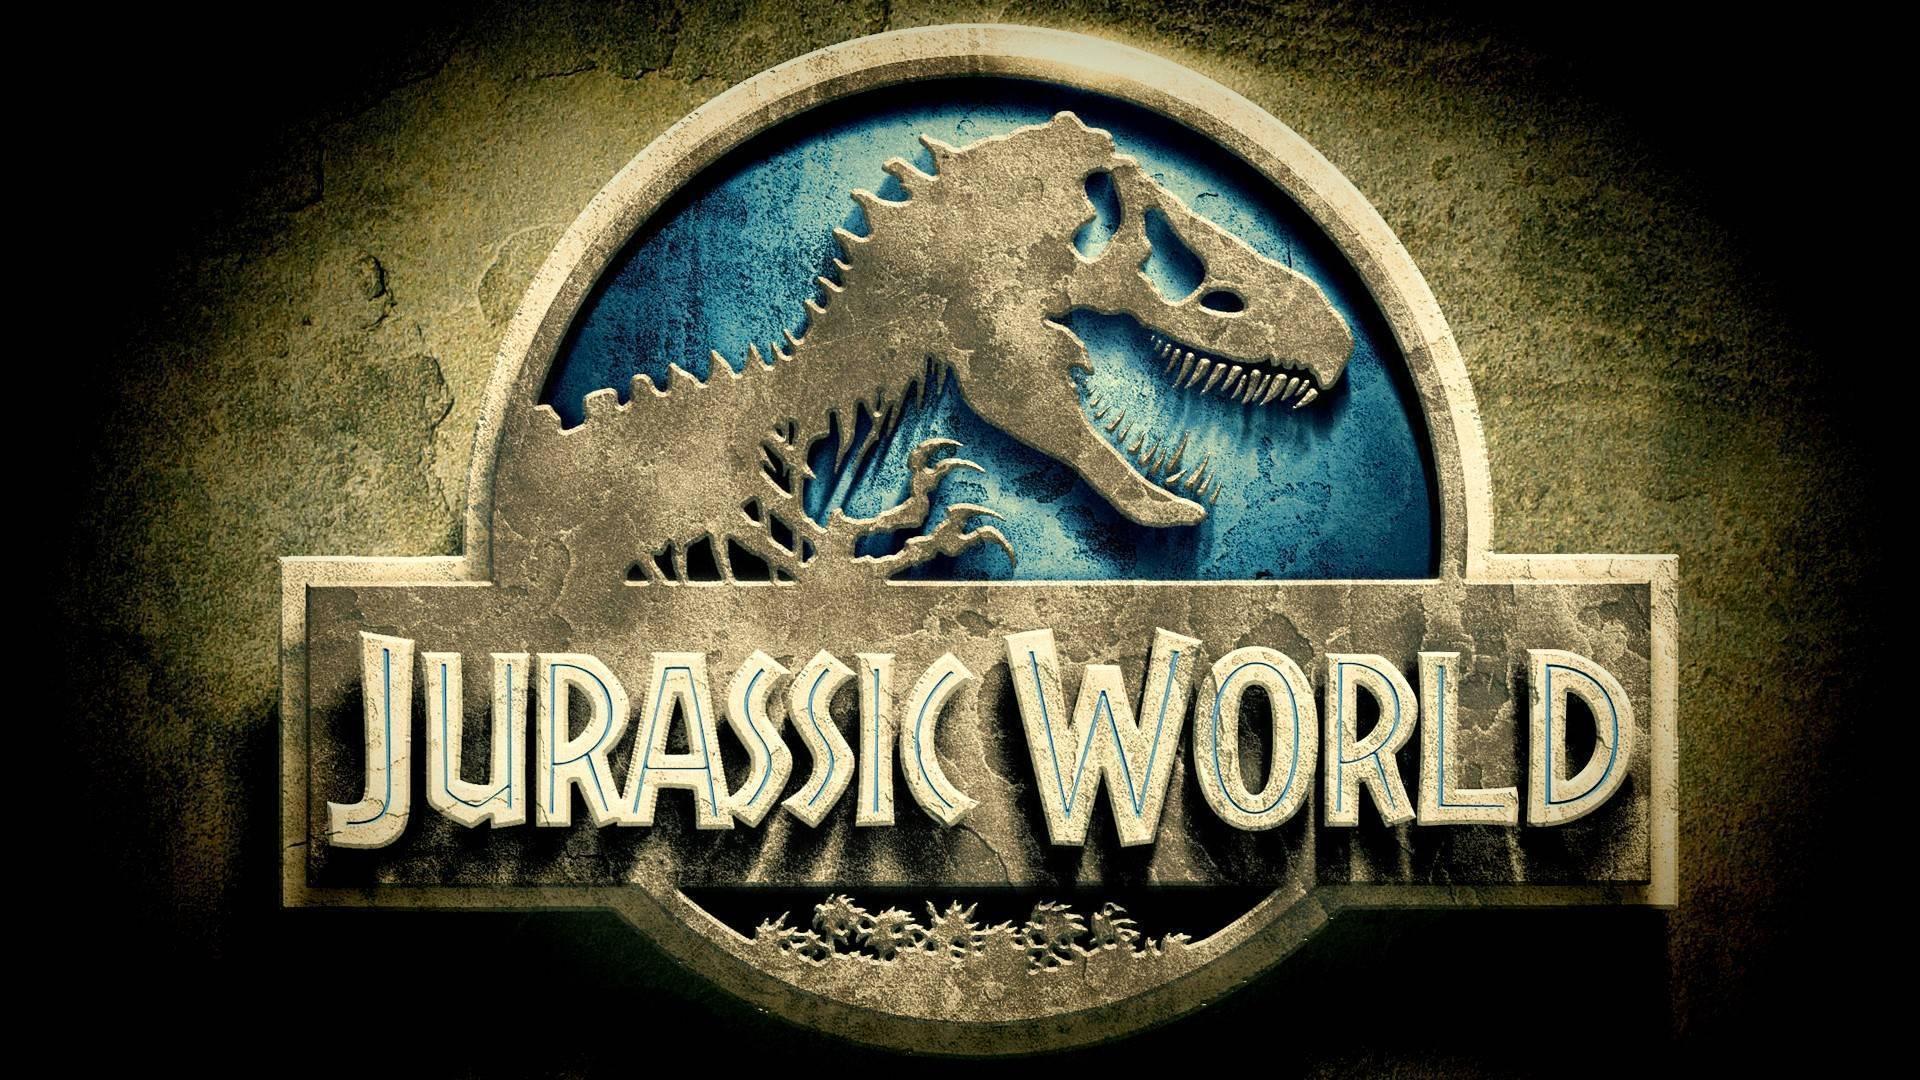 58e2d1f7311c2a28bfdb_c17f78089ff1bd44a986_Jurassic_World_Image__1.jpg